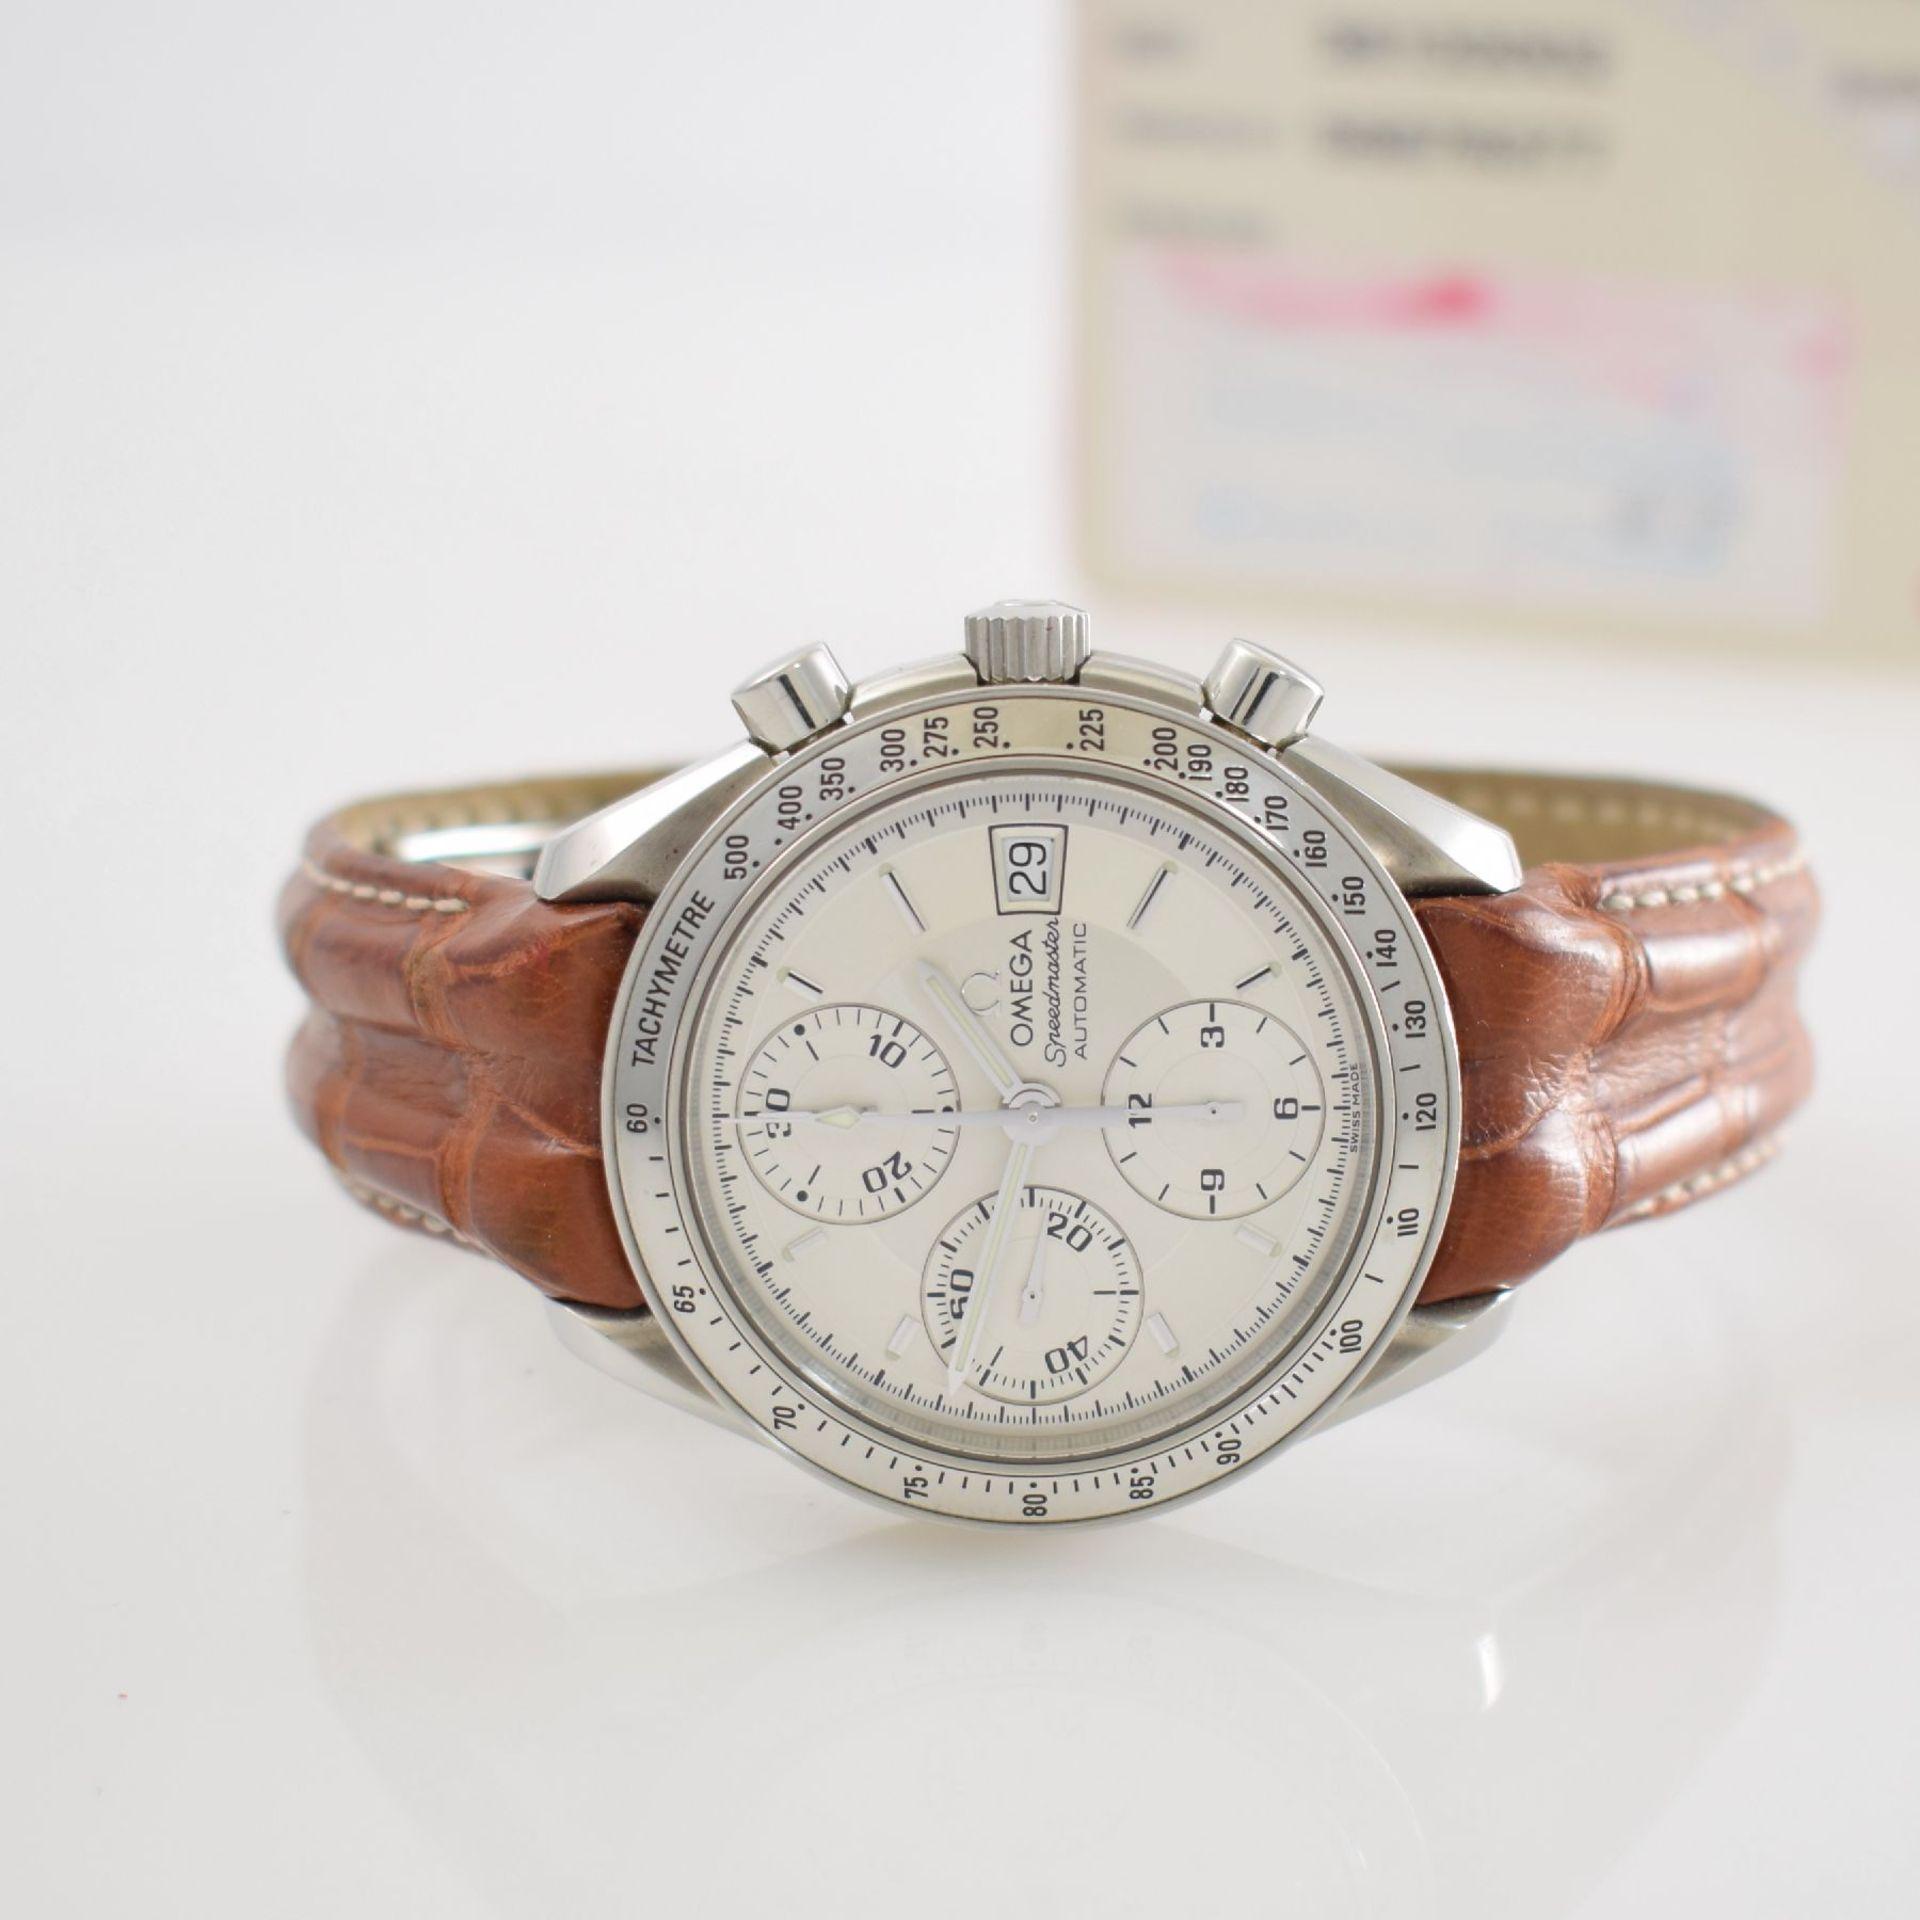 OMEGA Armbandchronograph Serie Speedmaster, Automatik, Schweiz um 1998, Ref. 1750083/3750083, - Bild 2 aus 8